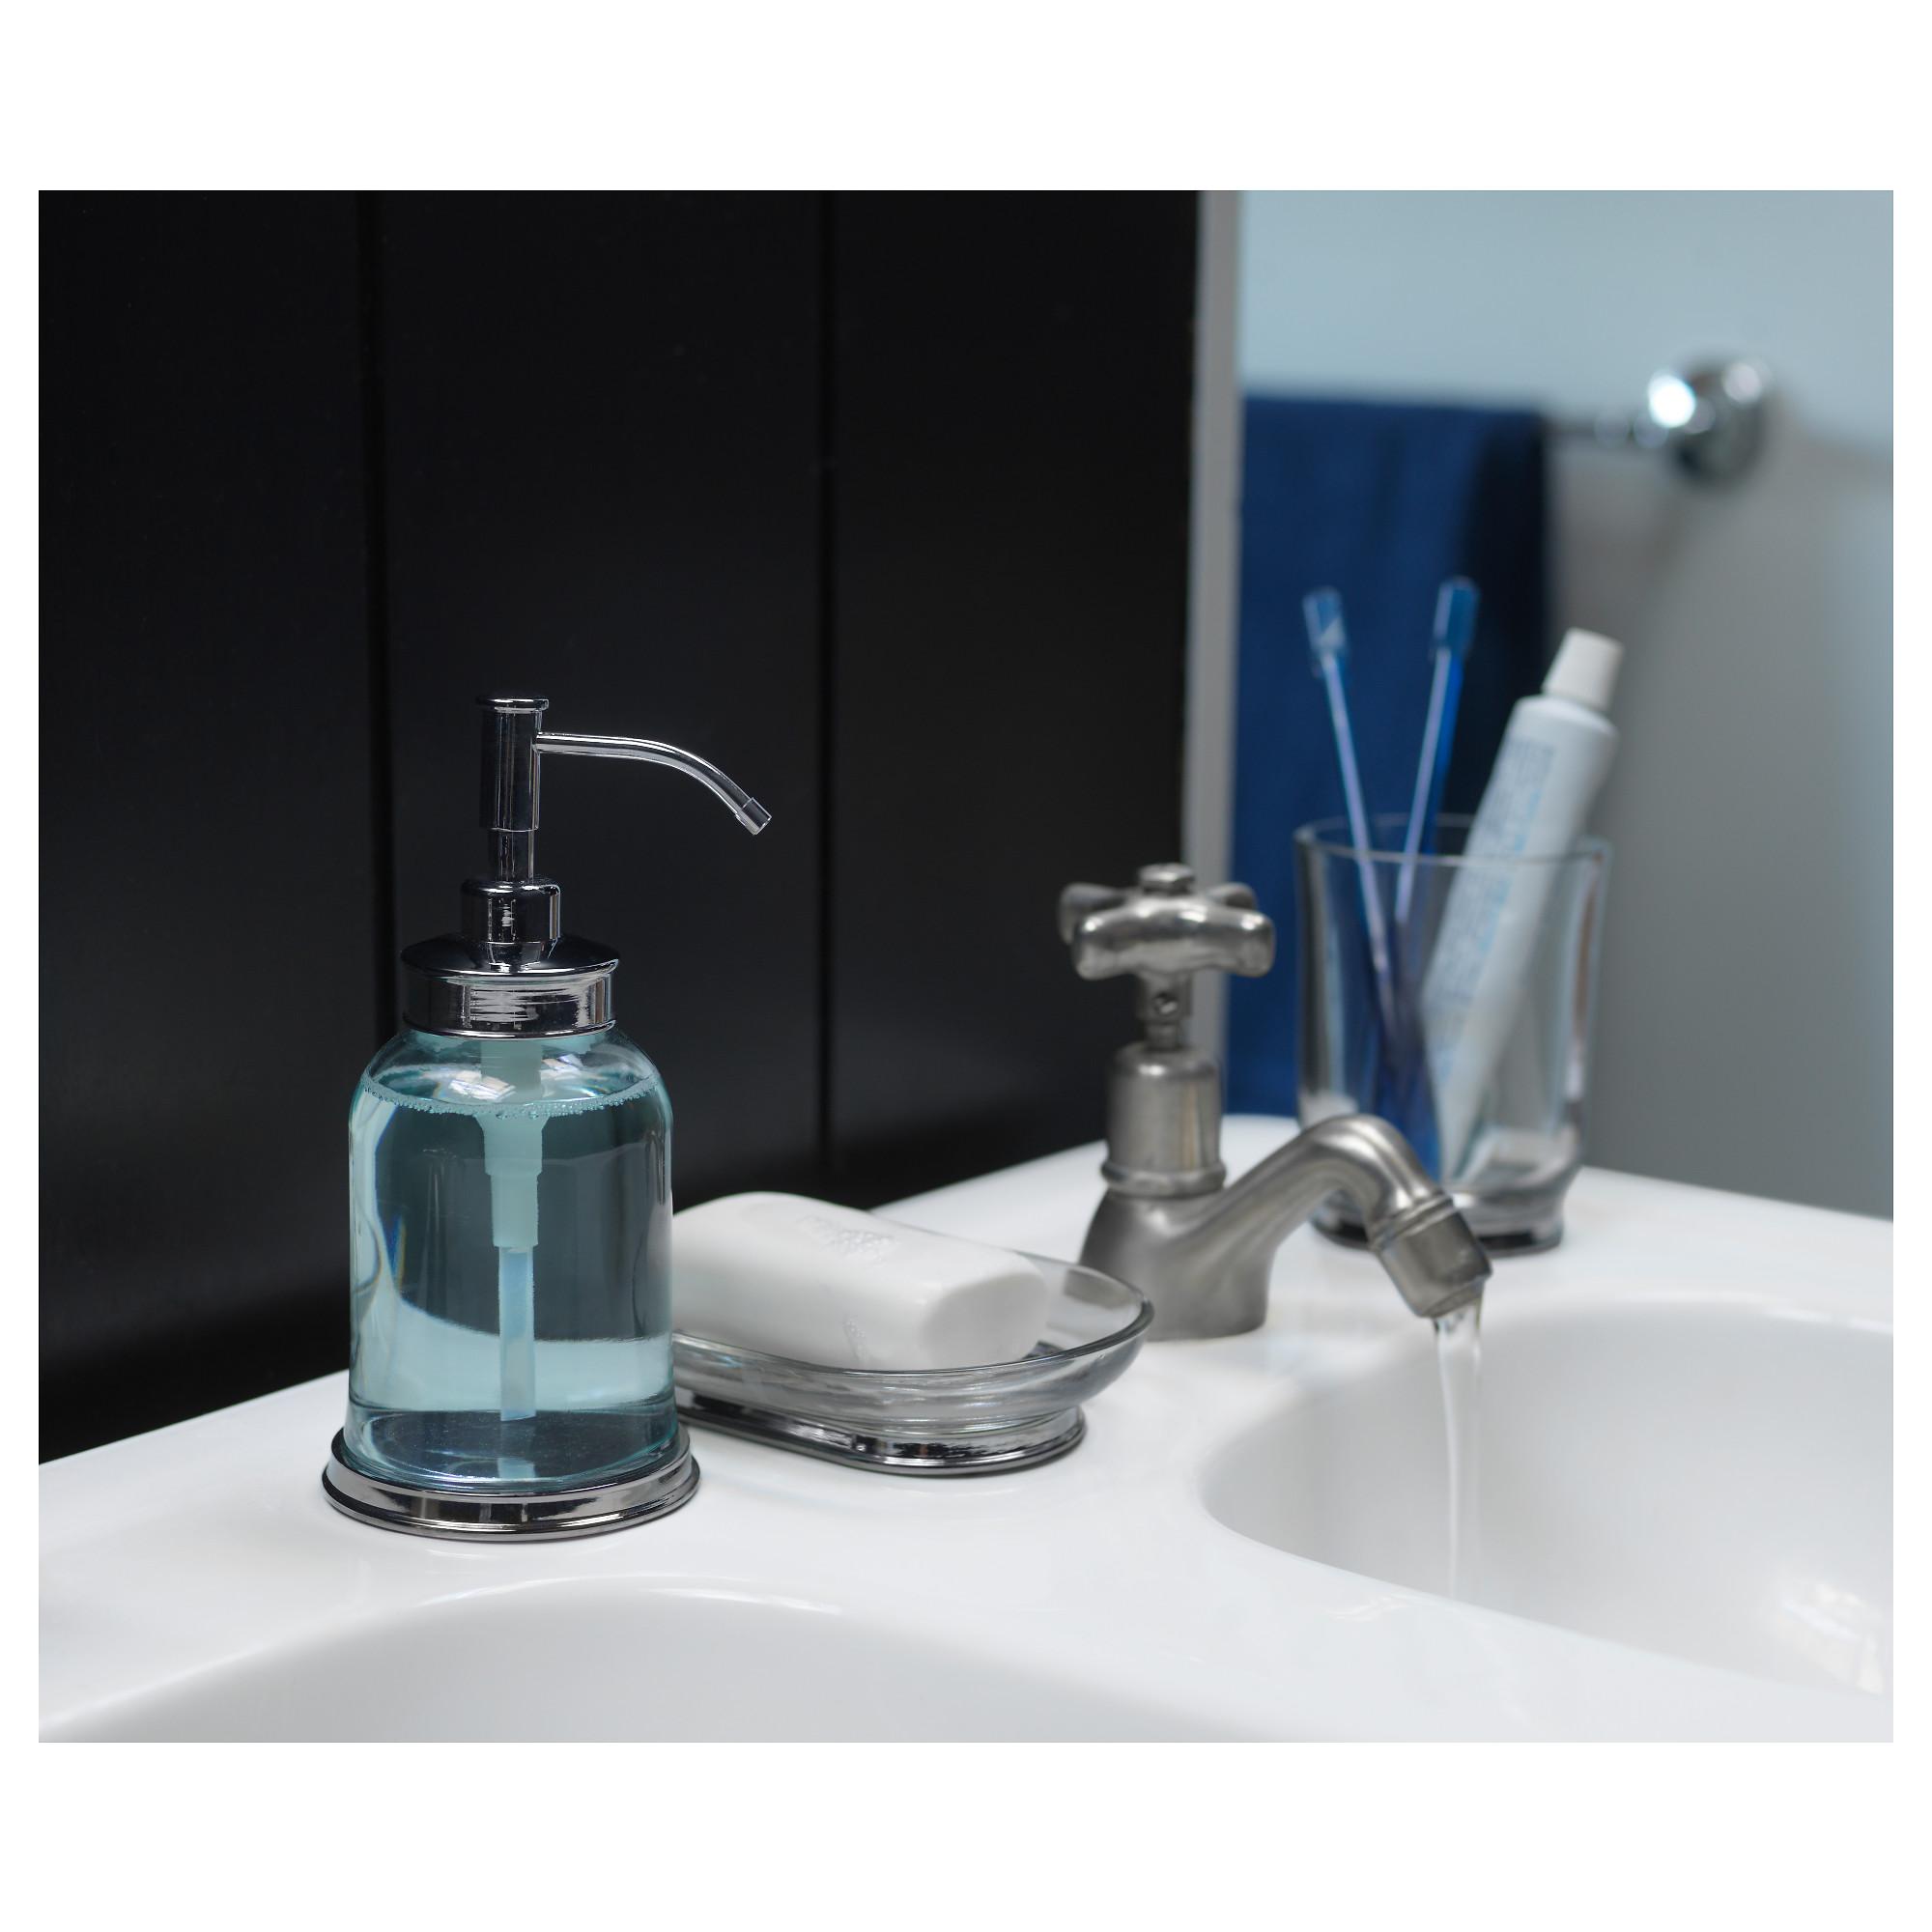 Ikea Balungen Glass Tumbler Soap Dispenser Sink Soap Dispenser Sink Accessories